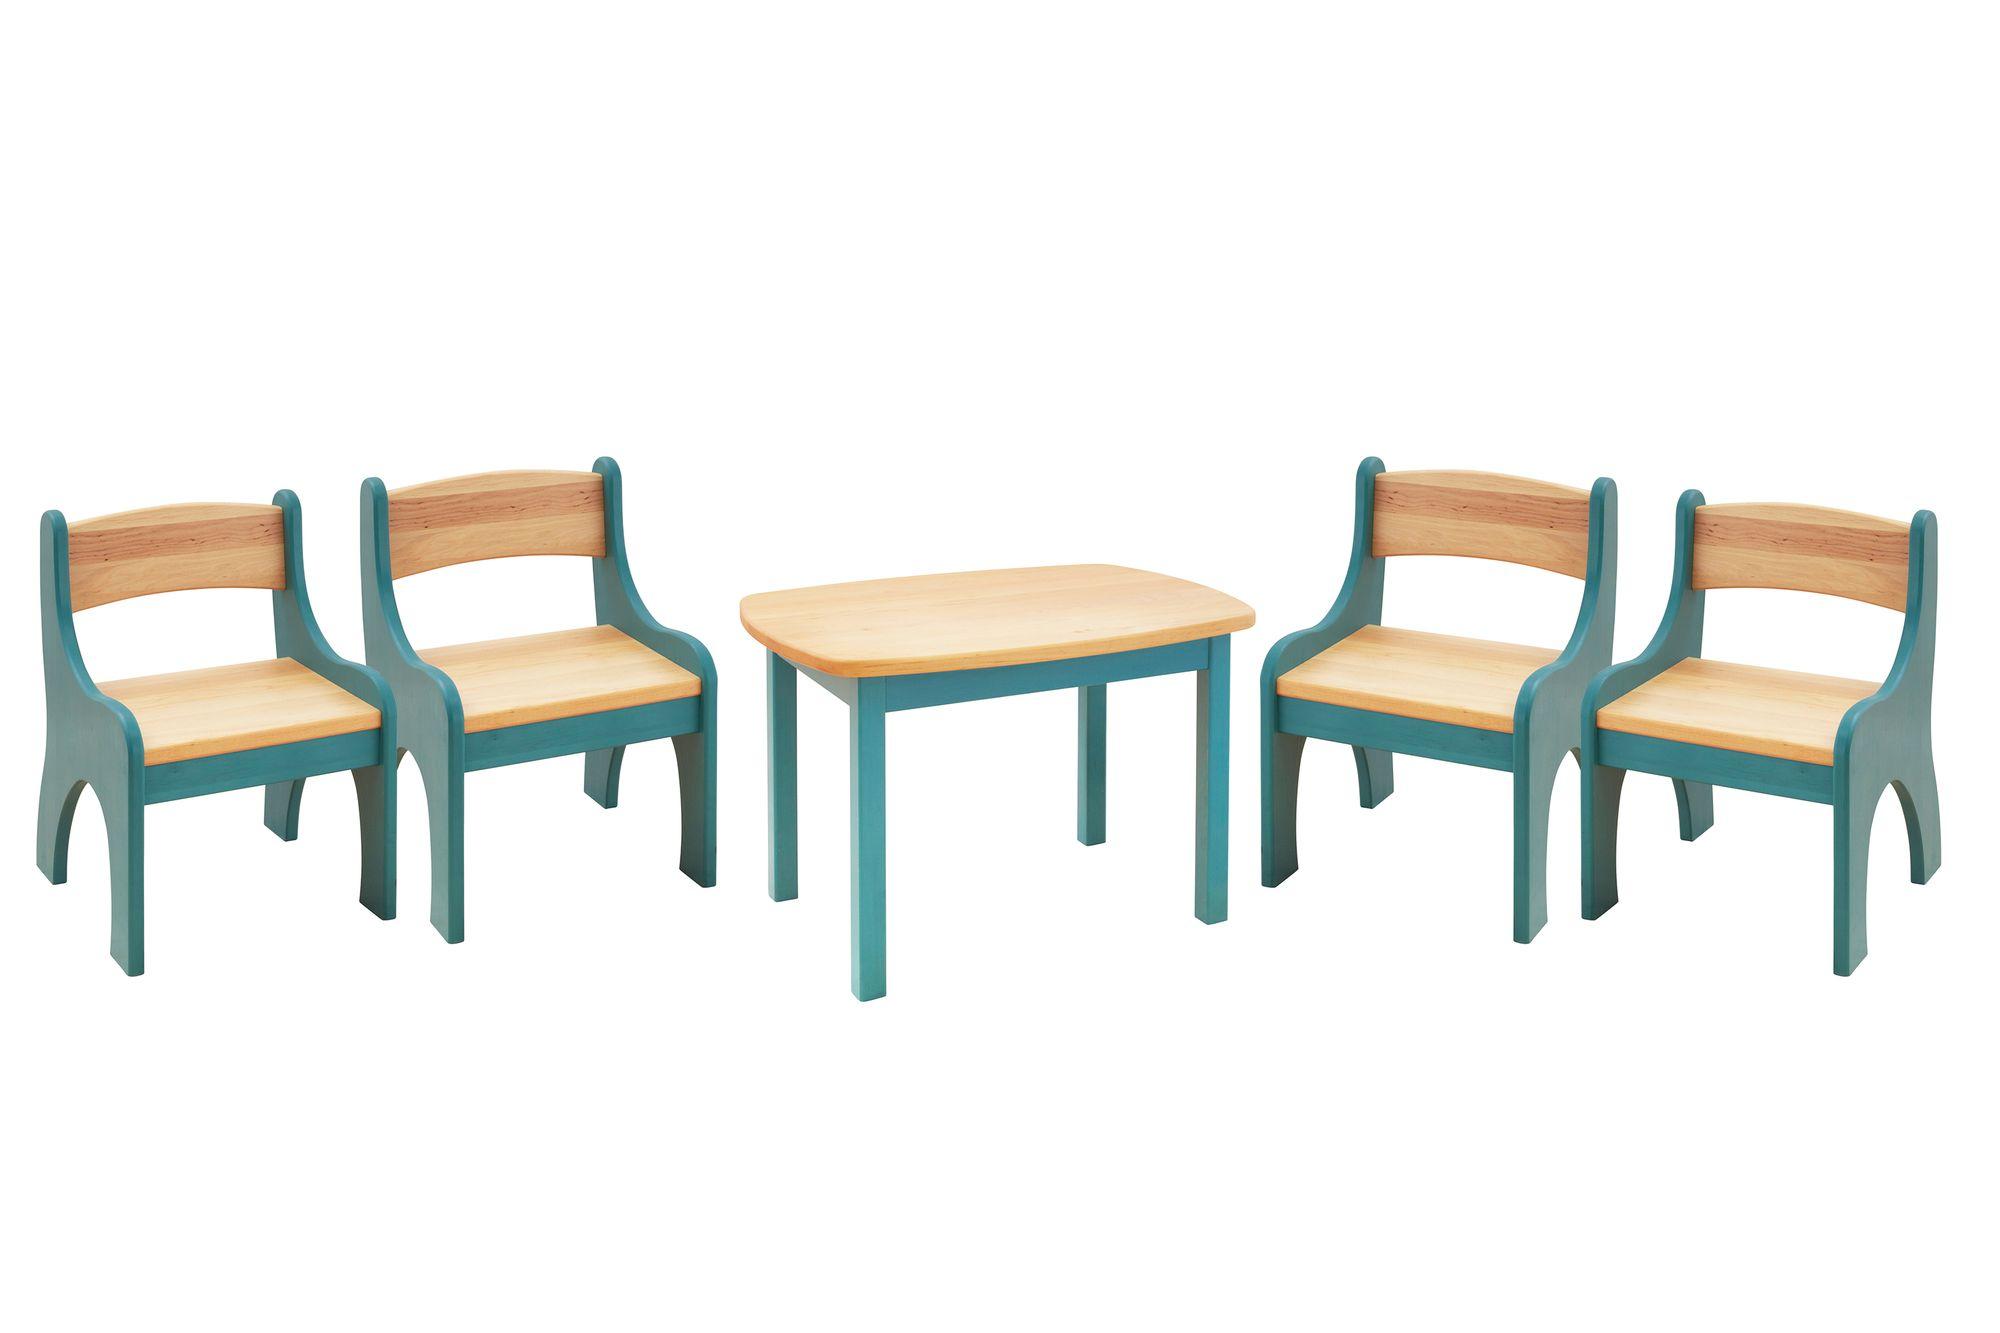 Biokinder Set Levin Kindertisch Mit 4 Stuhlen